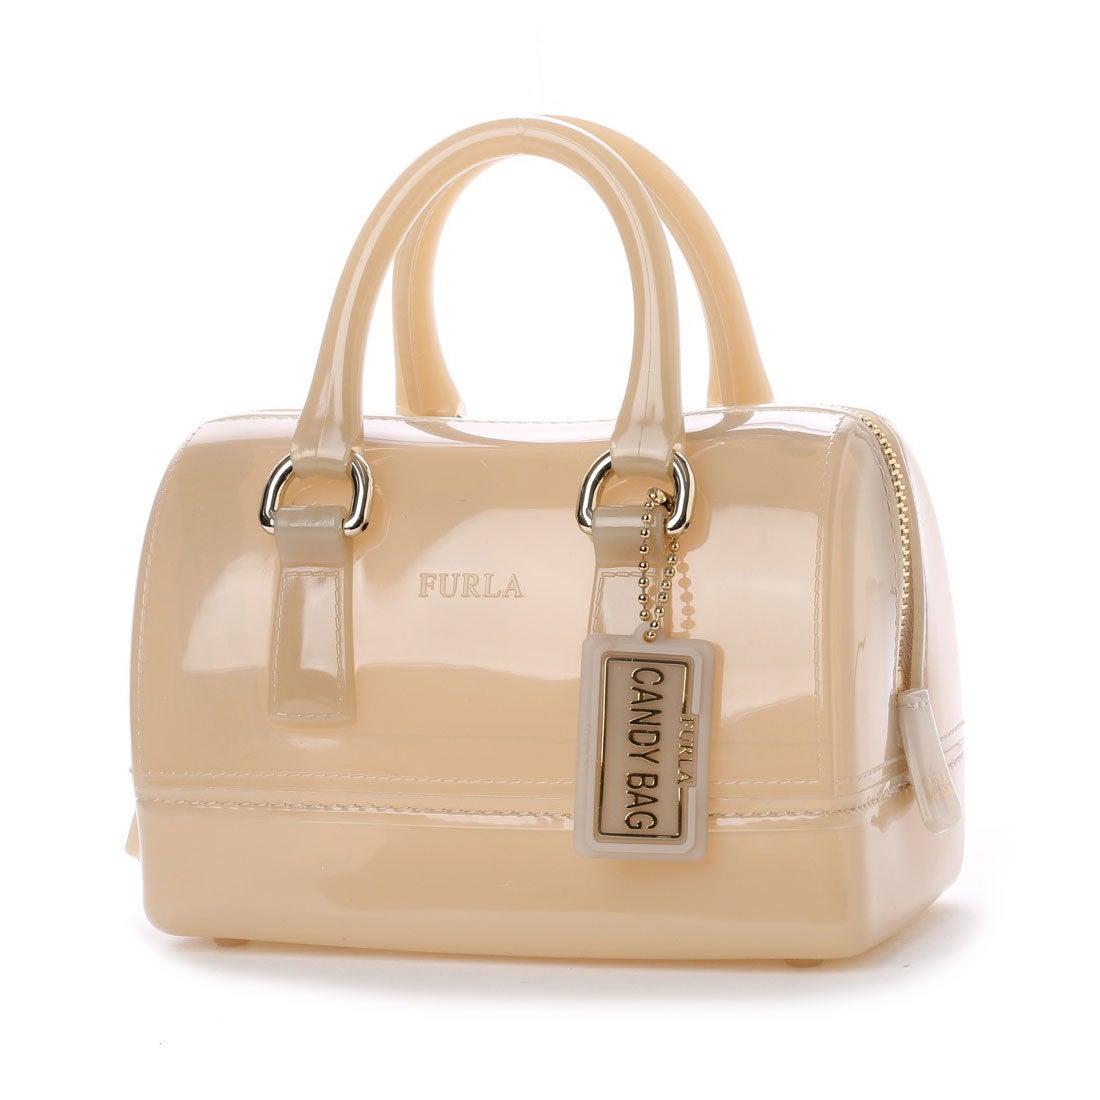 aba8309f298e フルラ FURLA キャンディスウィート(アチェロ) -靴&ファッション通販 ロコンド〜自宅で試着、気軽に返品